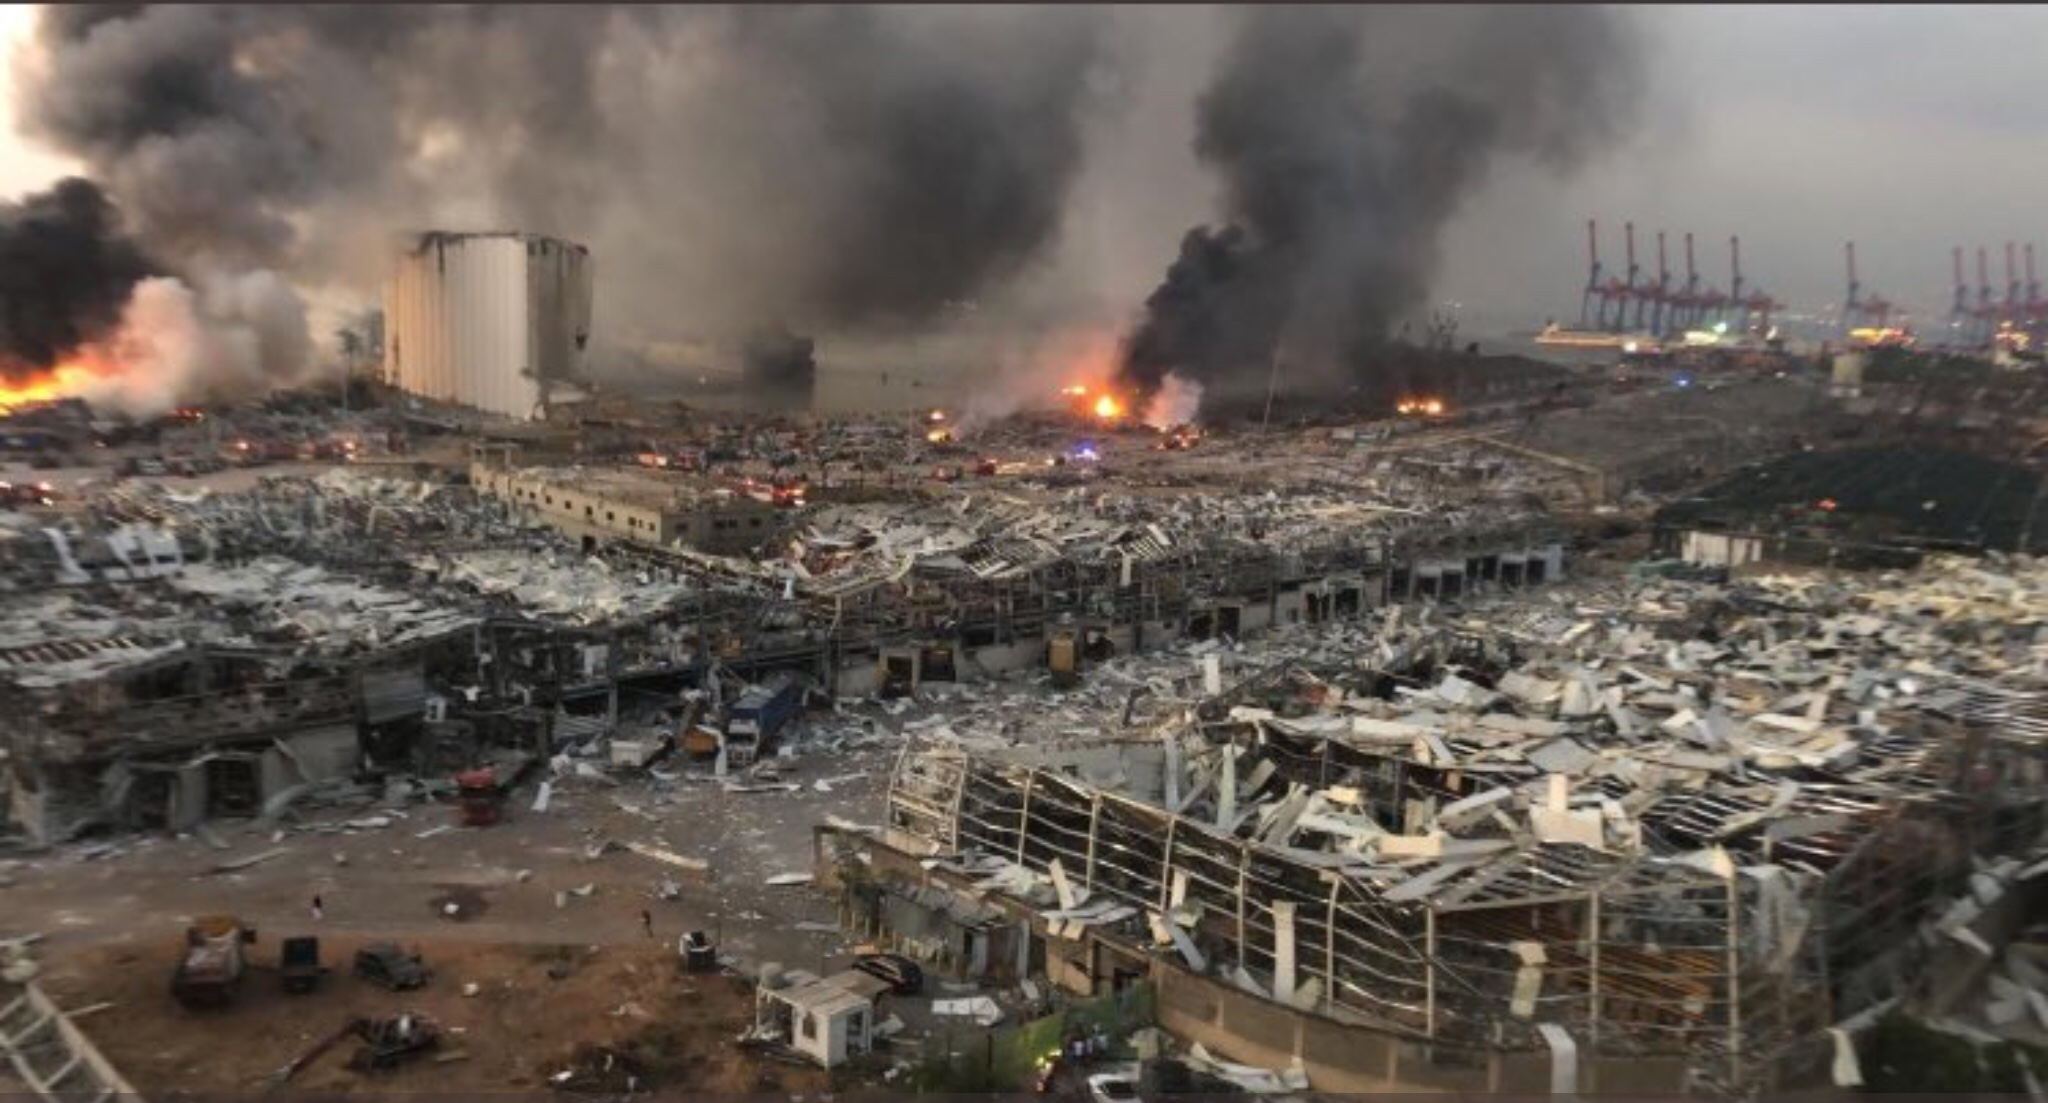 السفارة المصرية بلبنان تعلن وفاة مواطن ثان جراء انفجار بيروت